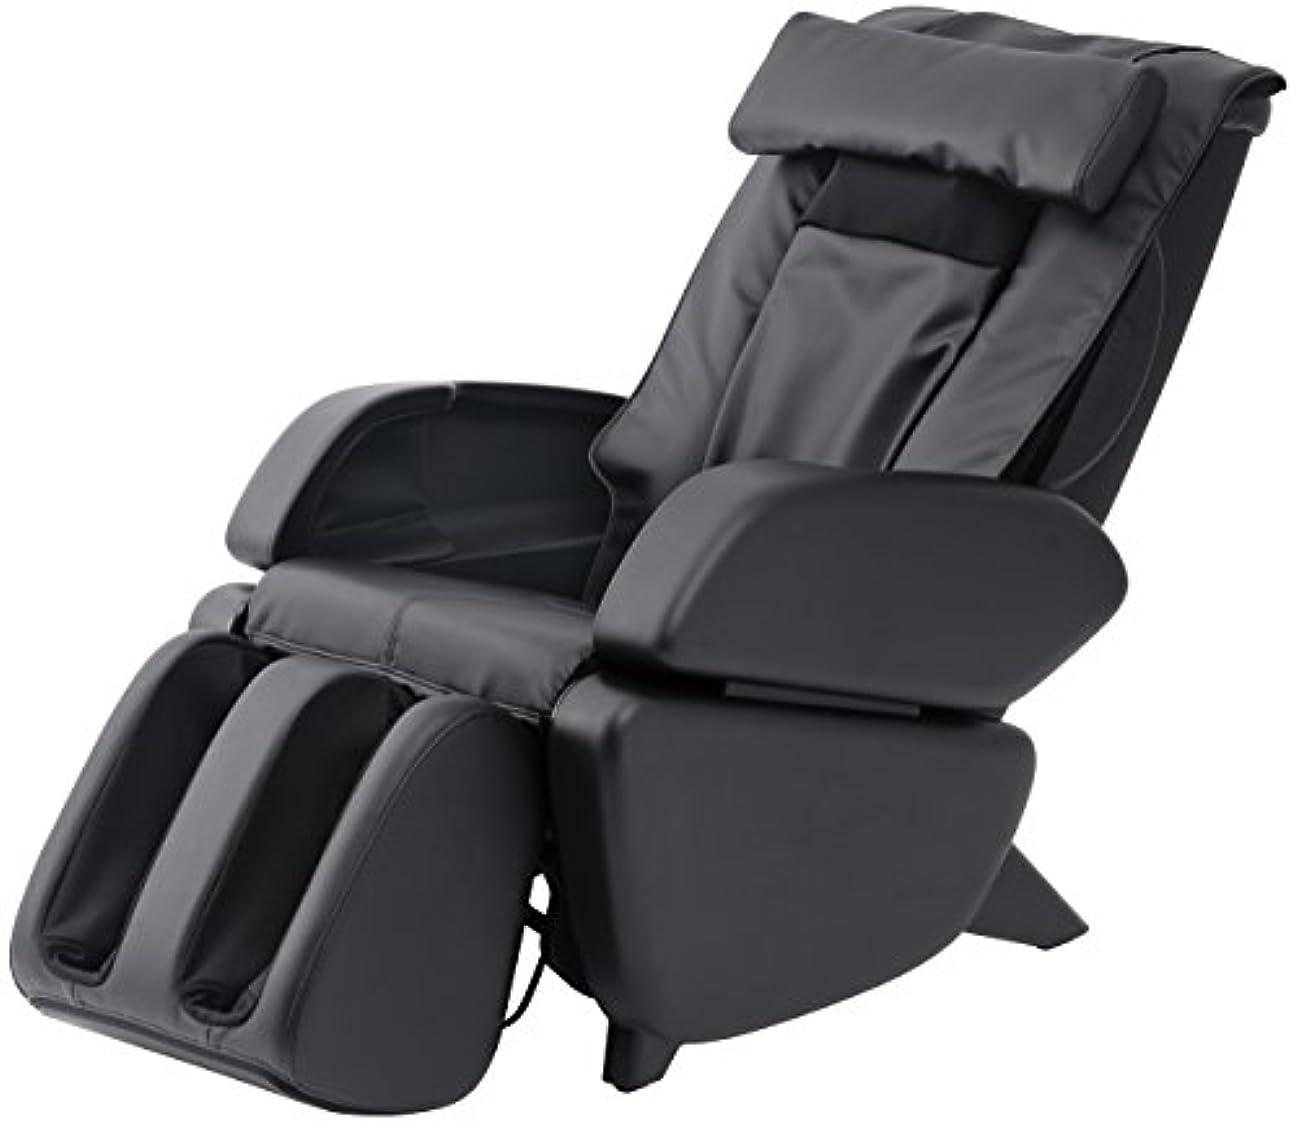 乳白無視するワイドスライヴ マッサージチェア くつろぎ指定席 「つかみもみ機能搭載」 ブラック CHD-9000(K)